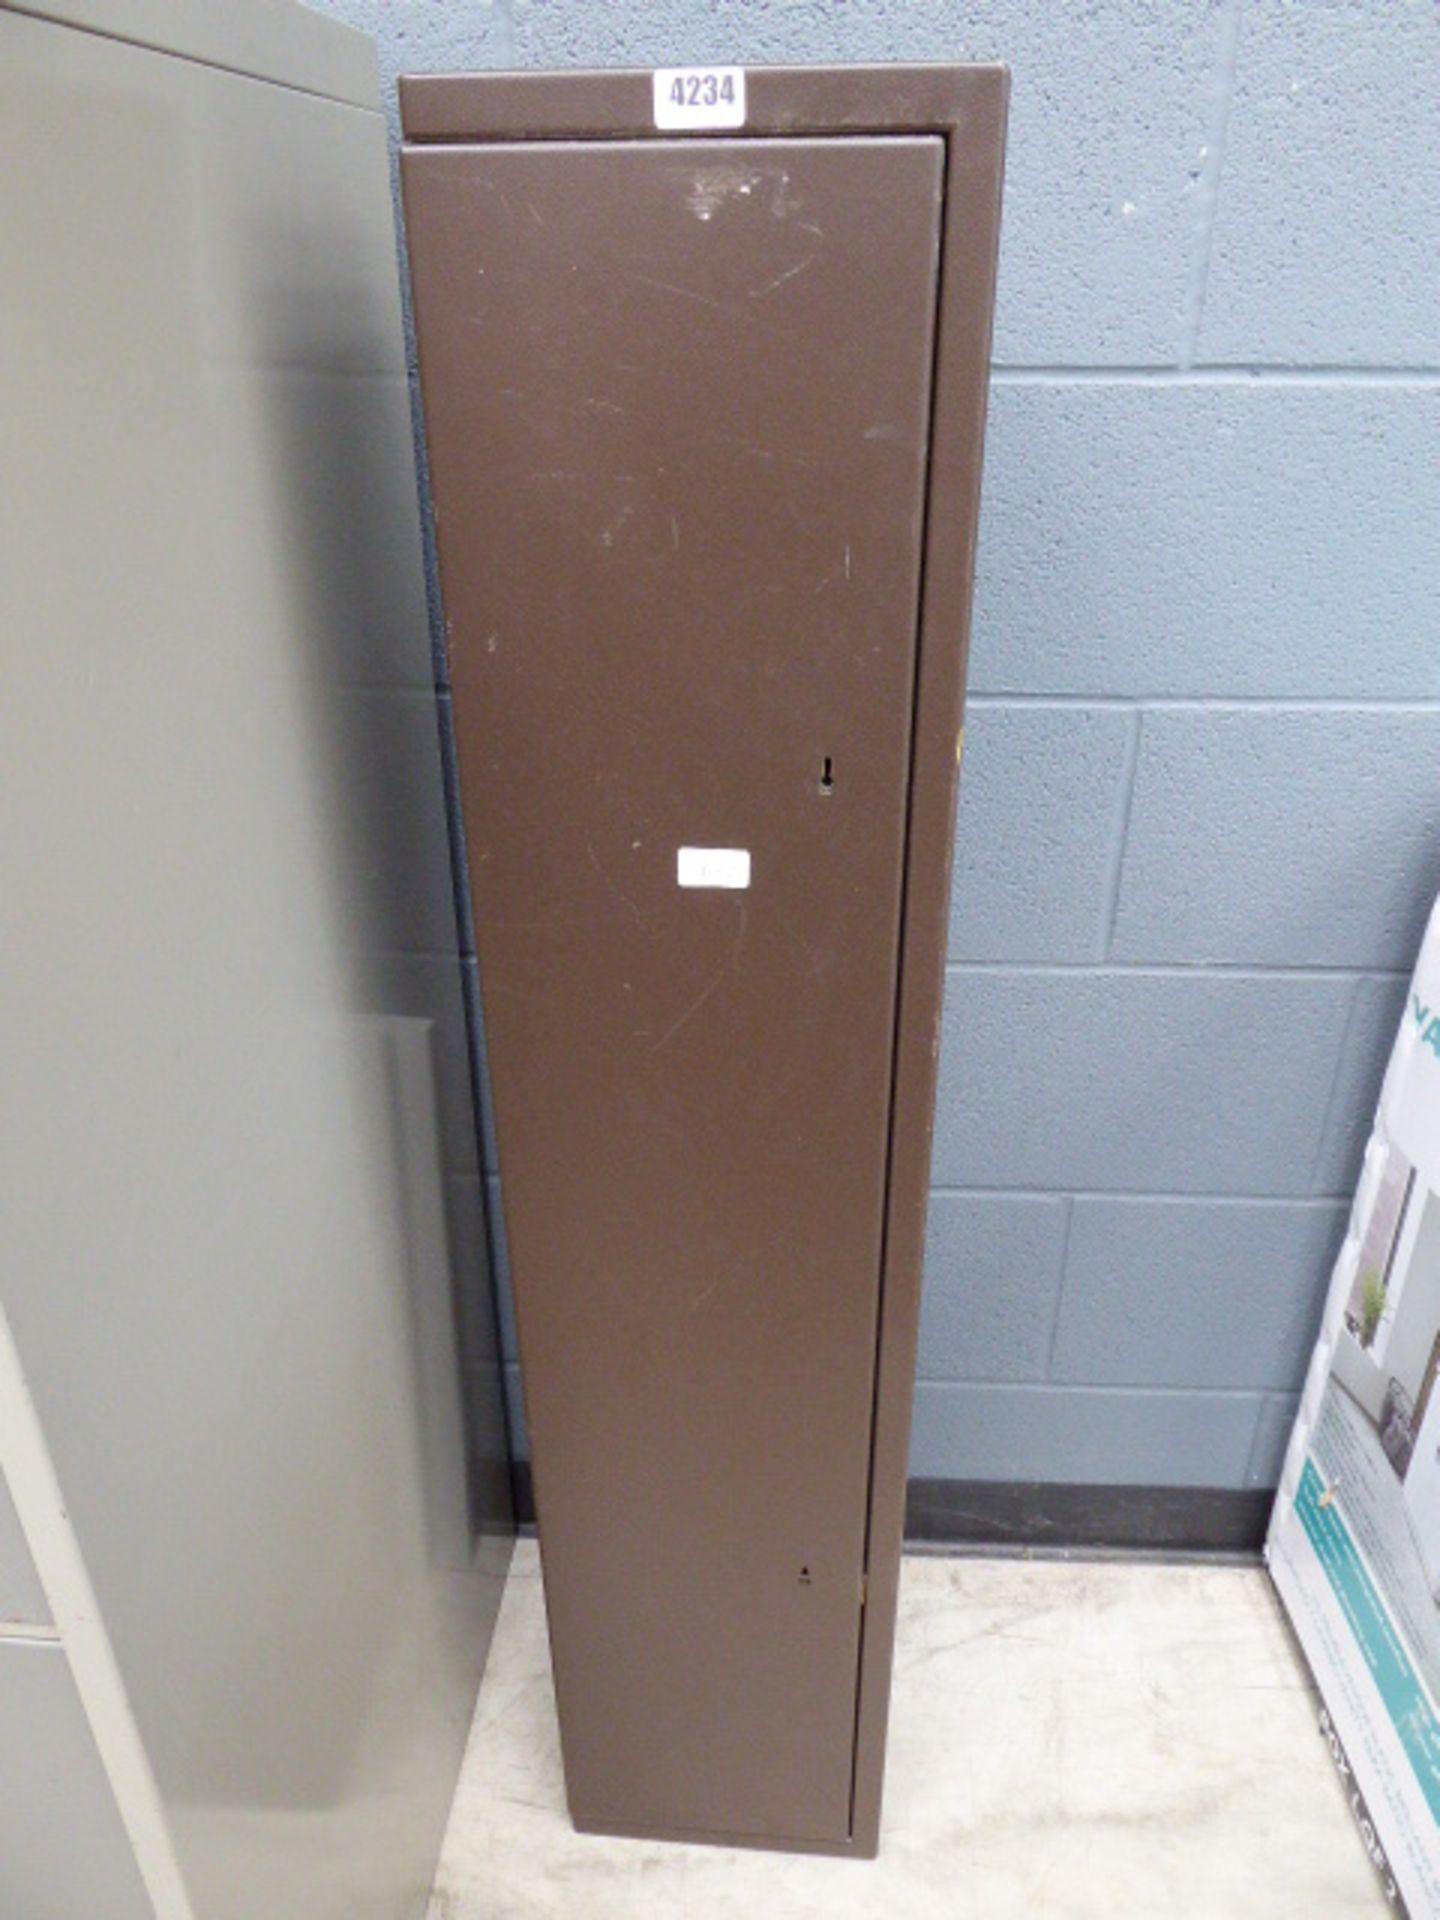 Lot 4234 - Brown metal gun safe